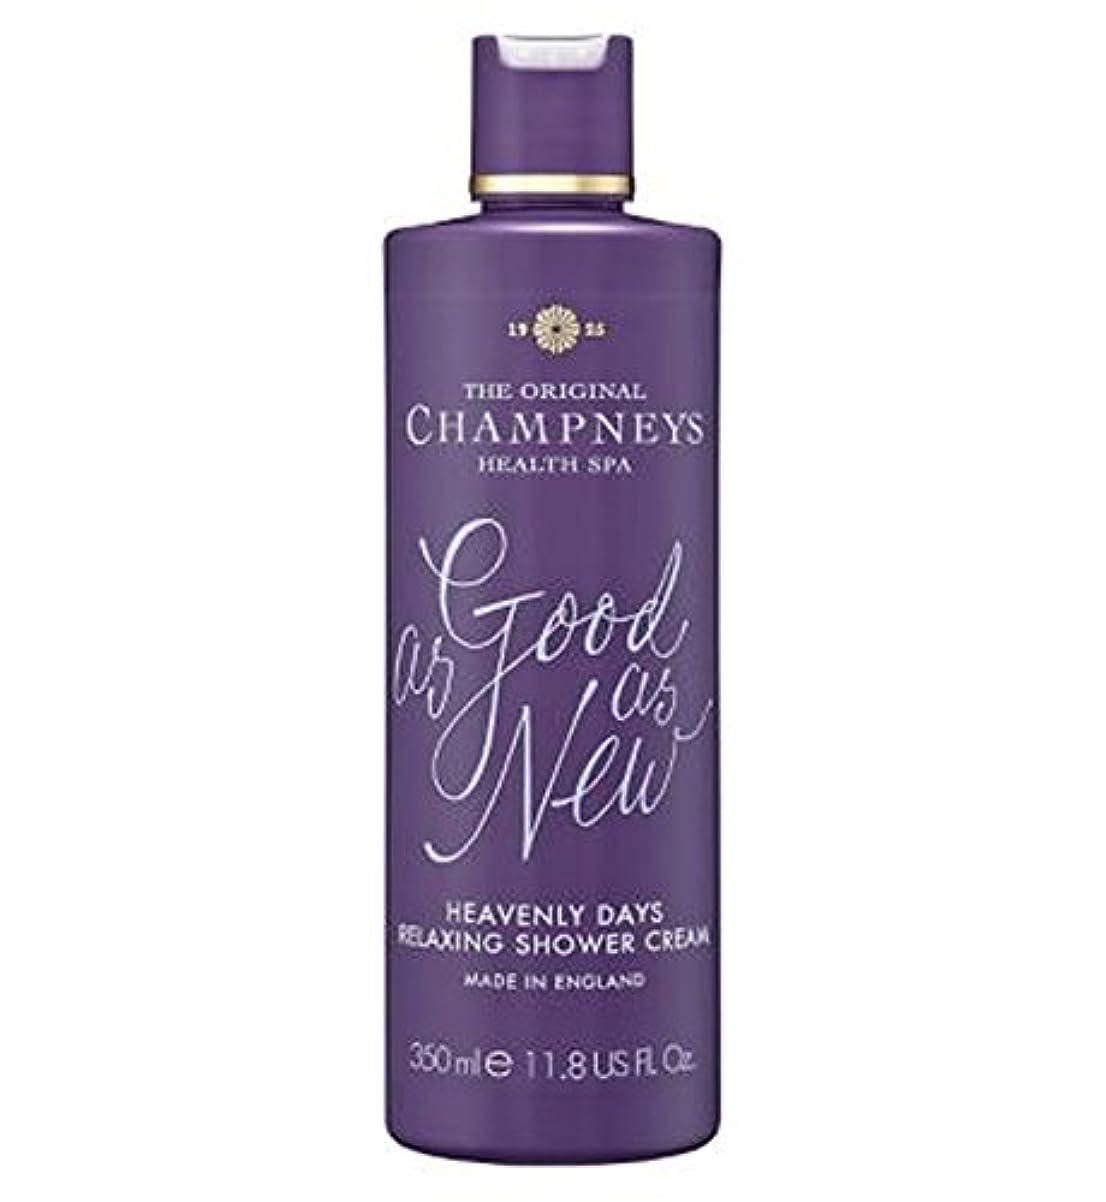 プロフェッショナル分数ヒップChampneys Heavenly Days Relaxing Shower Cream 350ml - チャンプニーズ天の日のリラックスシャワークリーム350ミリリットル (Champneys) [並行輸入品]